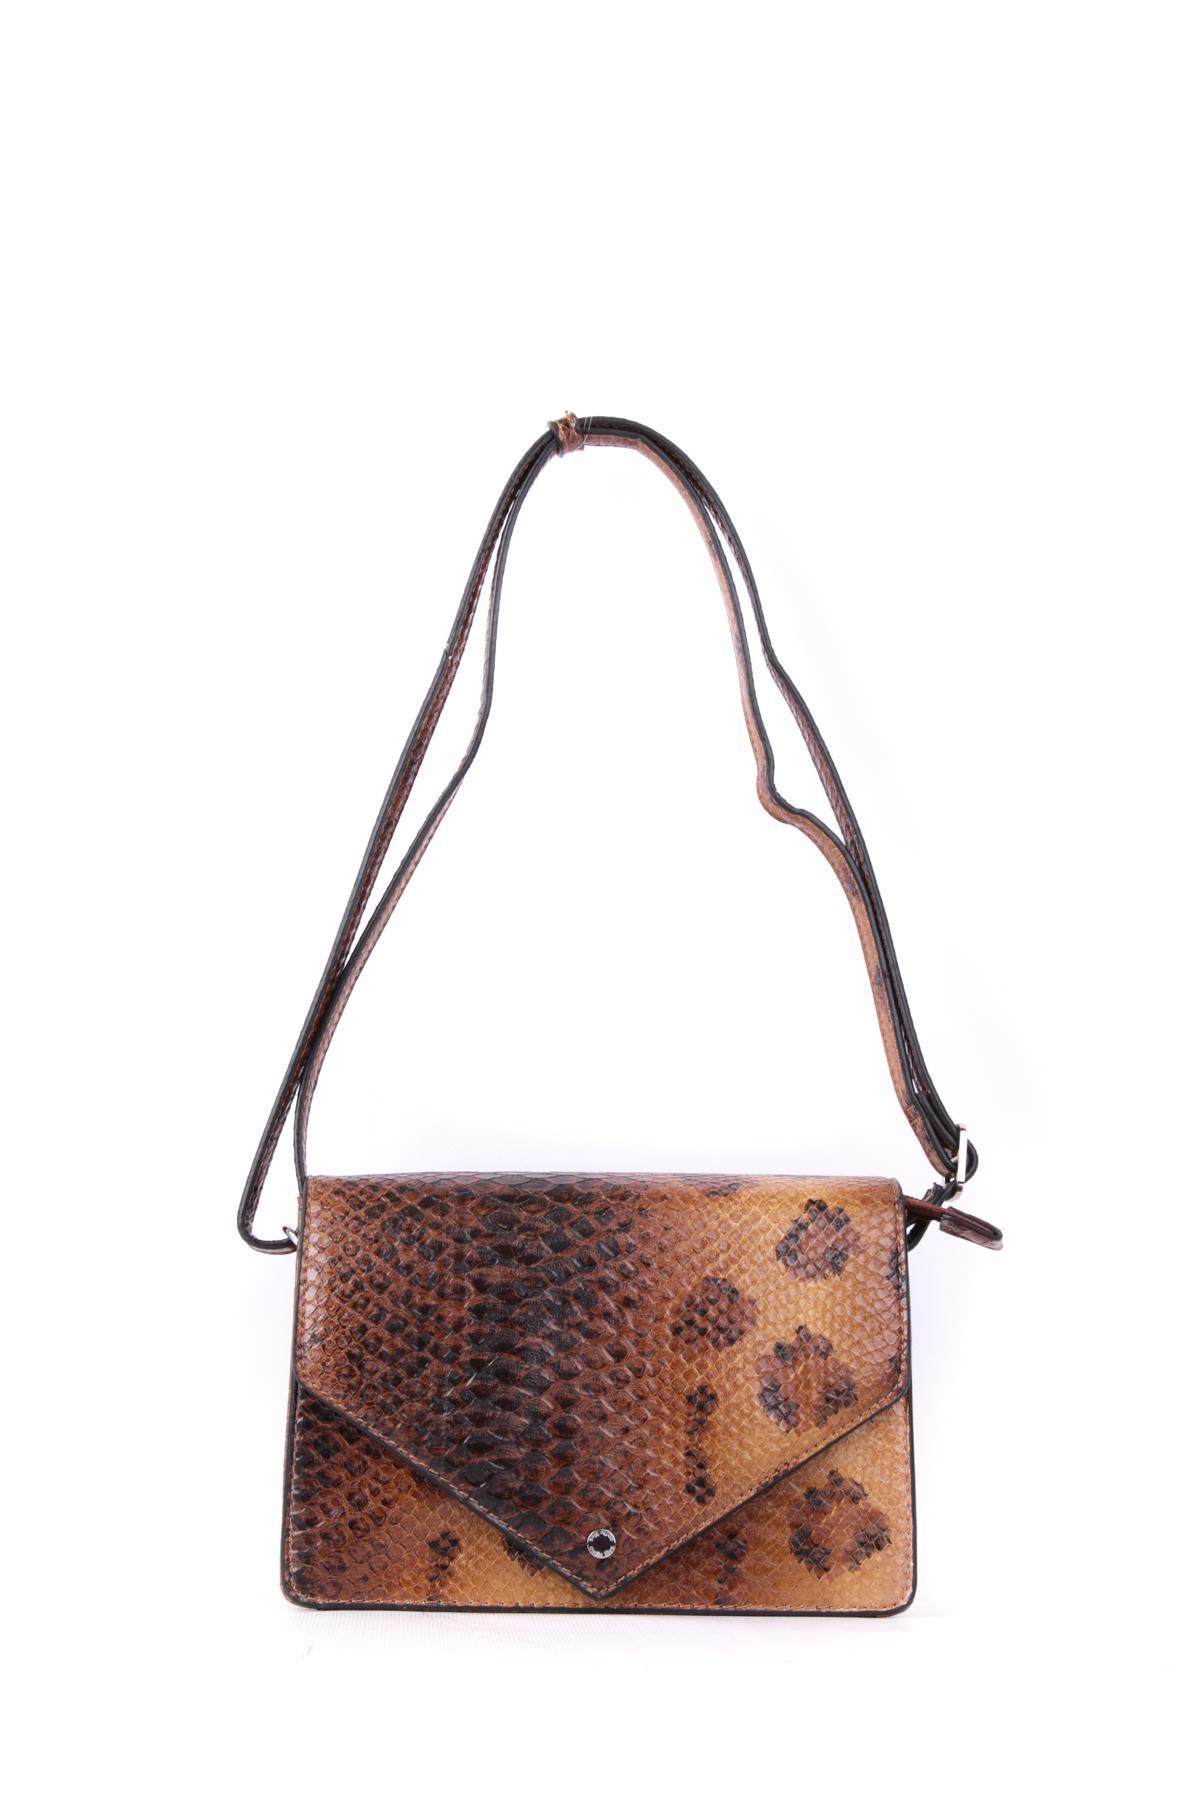 Shoulder bags Bags Camel Première Collection A8276 #c eFashion Paris